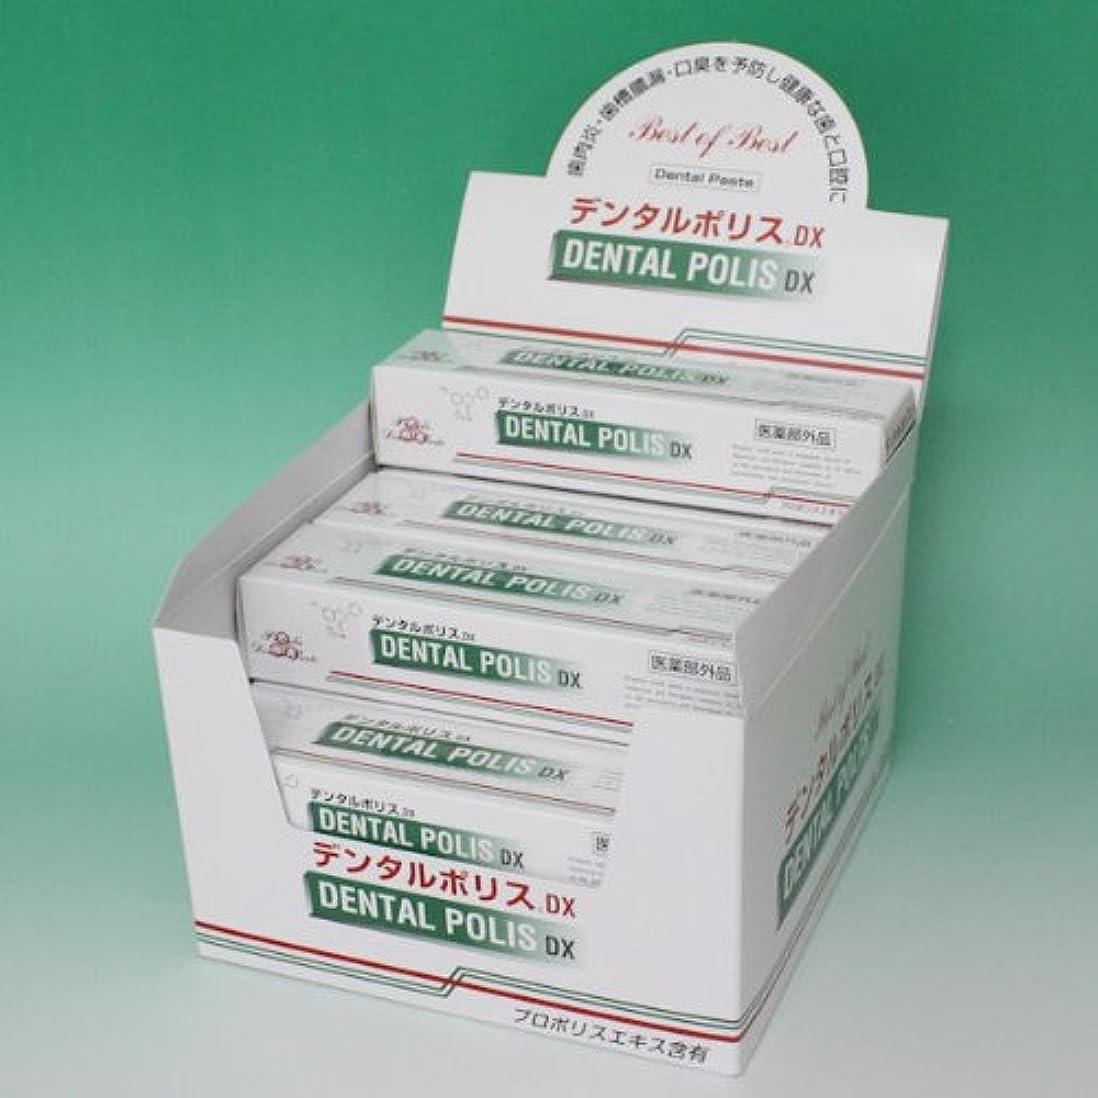 仮装ベルベット悲劇デンタルポリスDX 80g  12本セット 医薬部外品  歯みがき 8gサンプル2本 進呈!